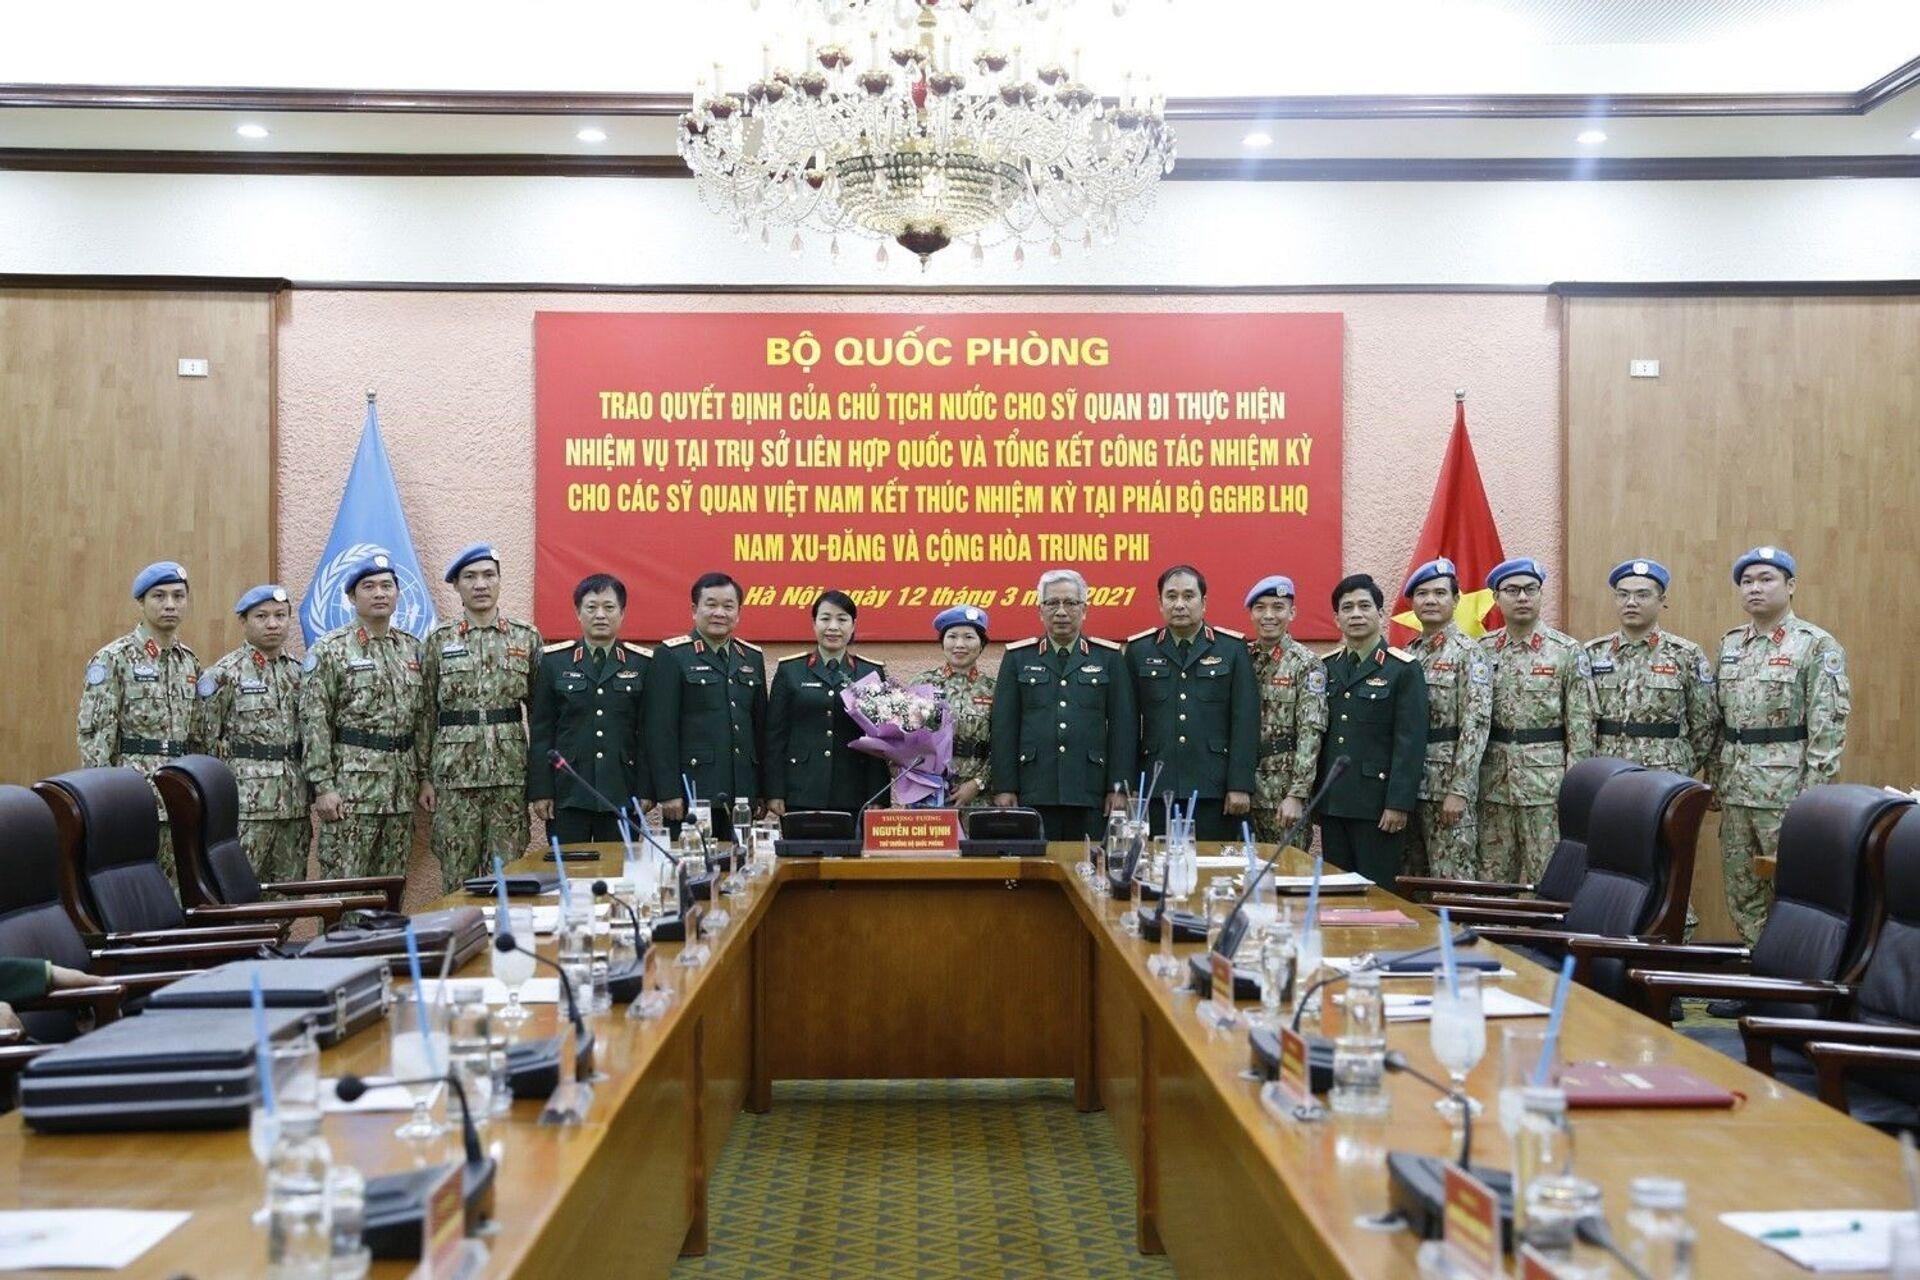 Tướng Vịnh nêu lý do vì sao Việt Nam tiến cử sĩ quan đi làm việc ở LHQ - Sputnik Việt Nam, 1920, 15.03.2021